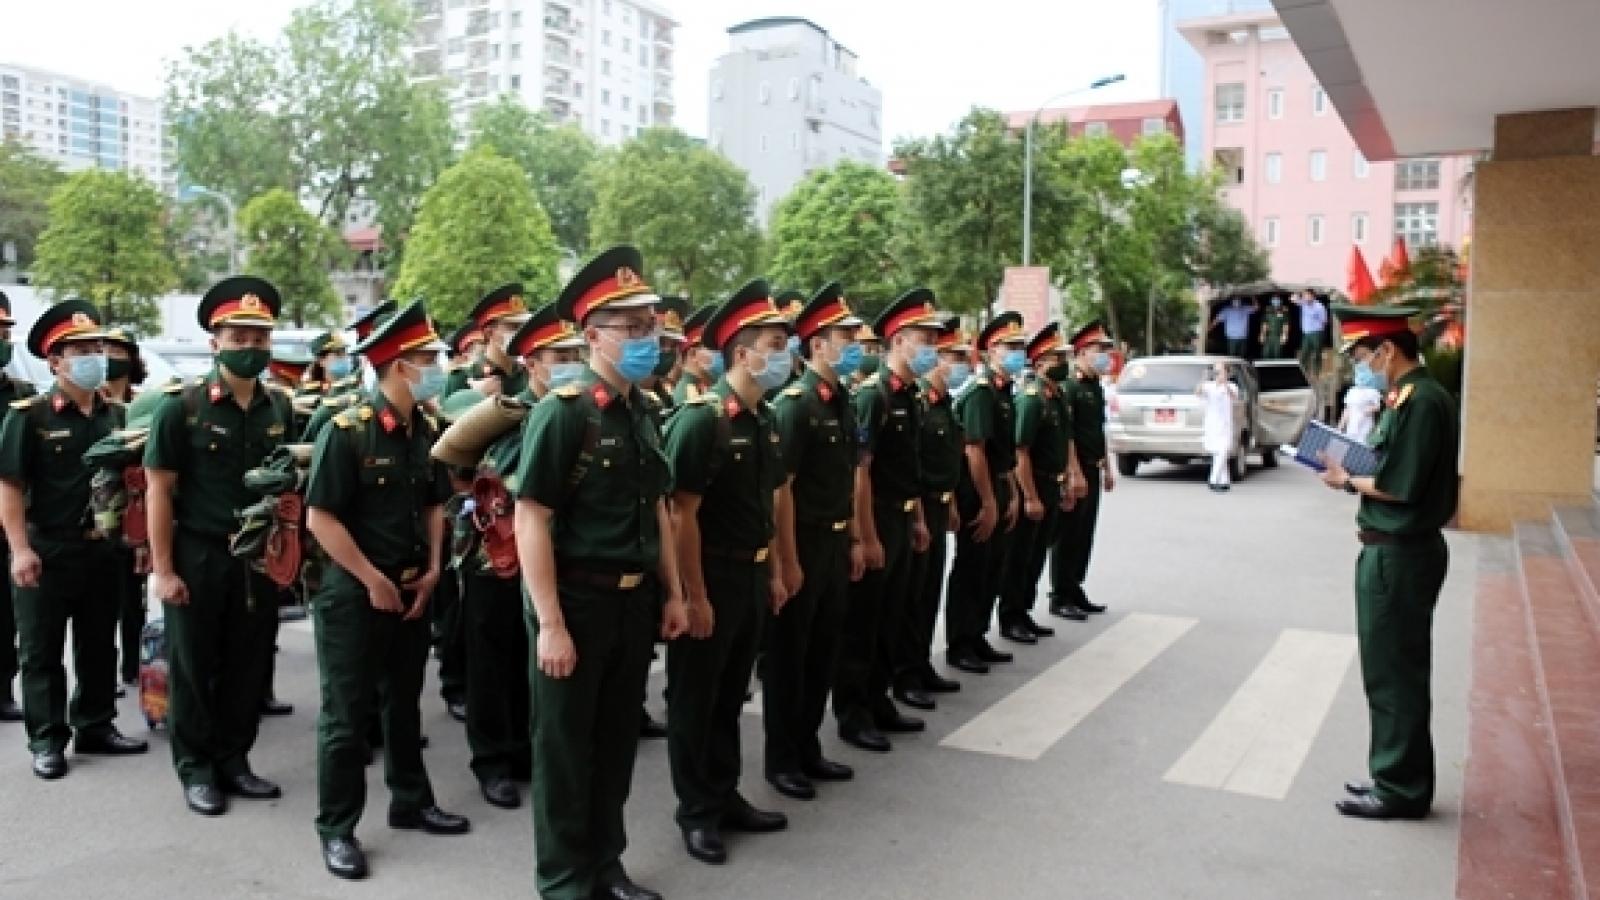 Thủ tướng khen 21 tập thể, cá nhân thuộc Bộ Quốc phòng, TP Hà Nội trong phòng chống dịch